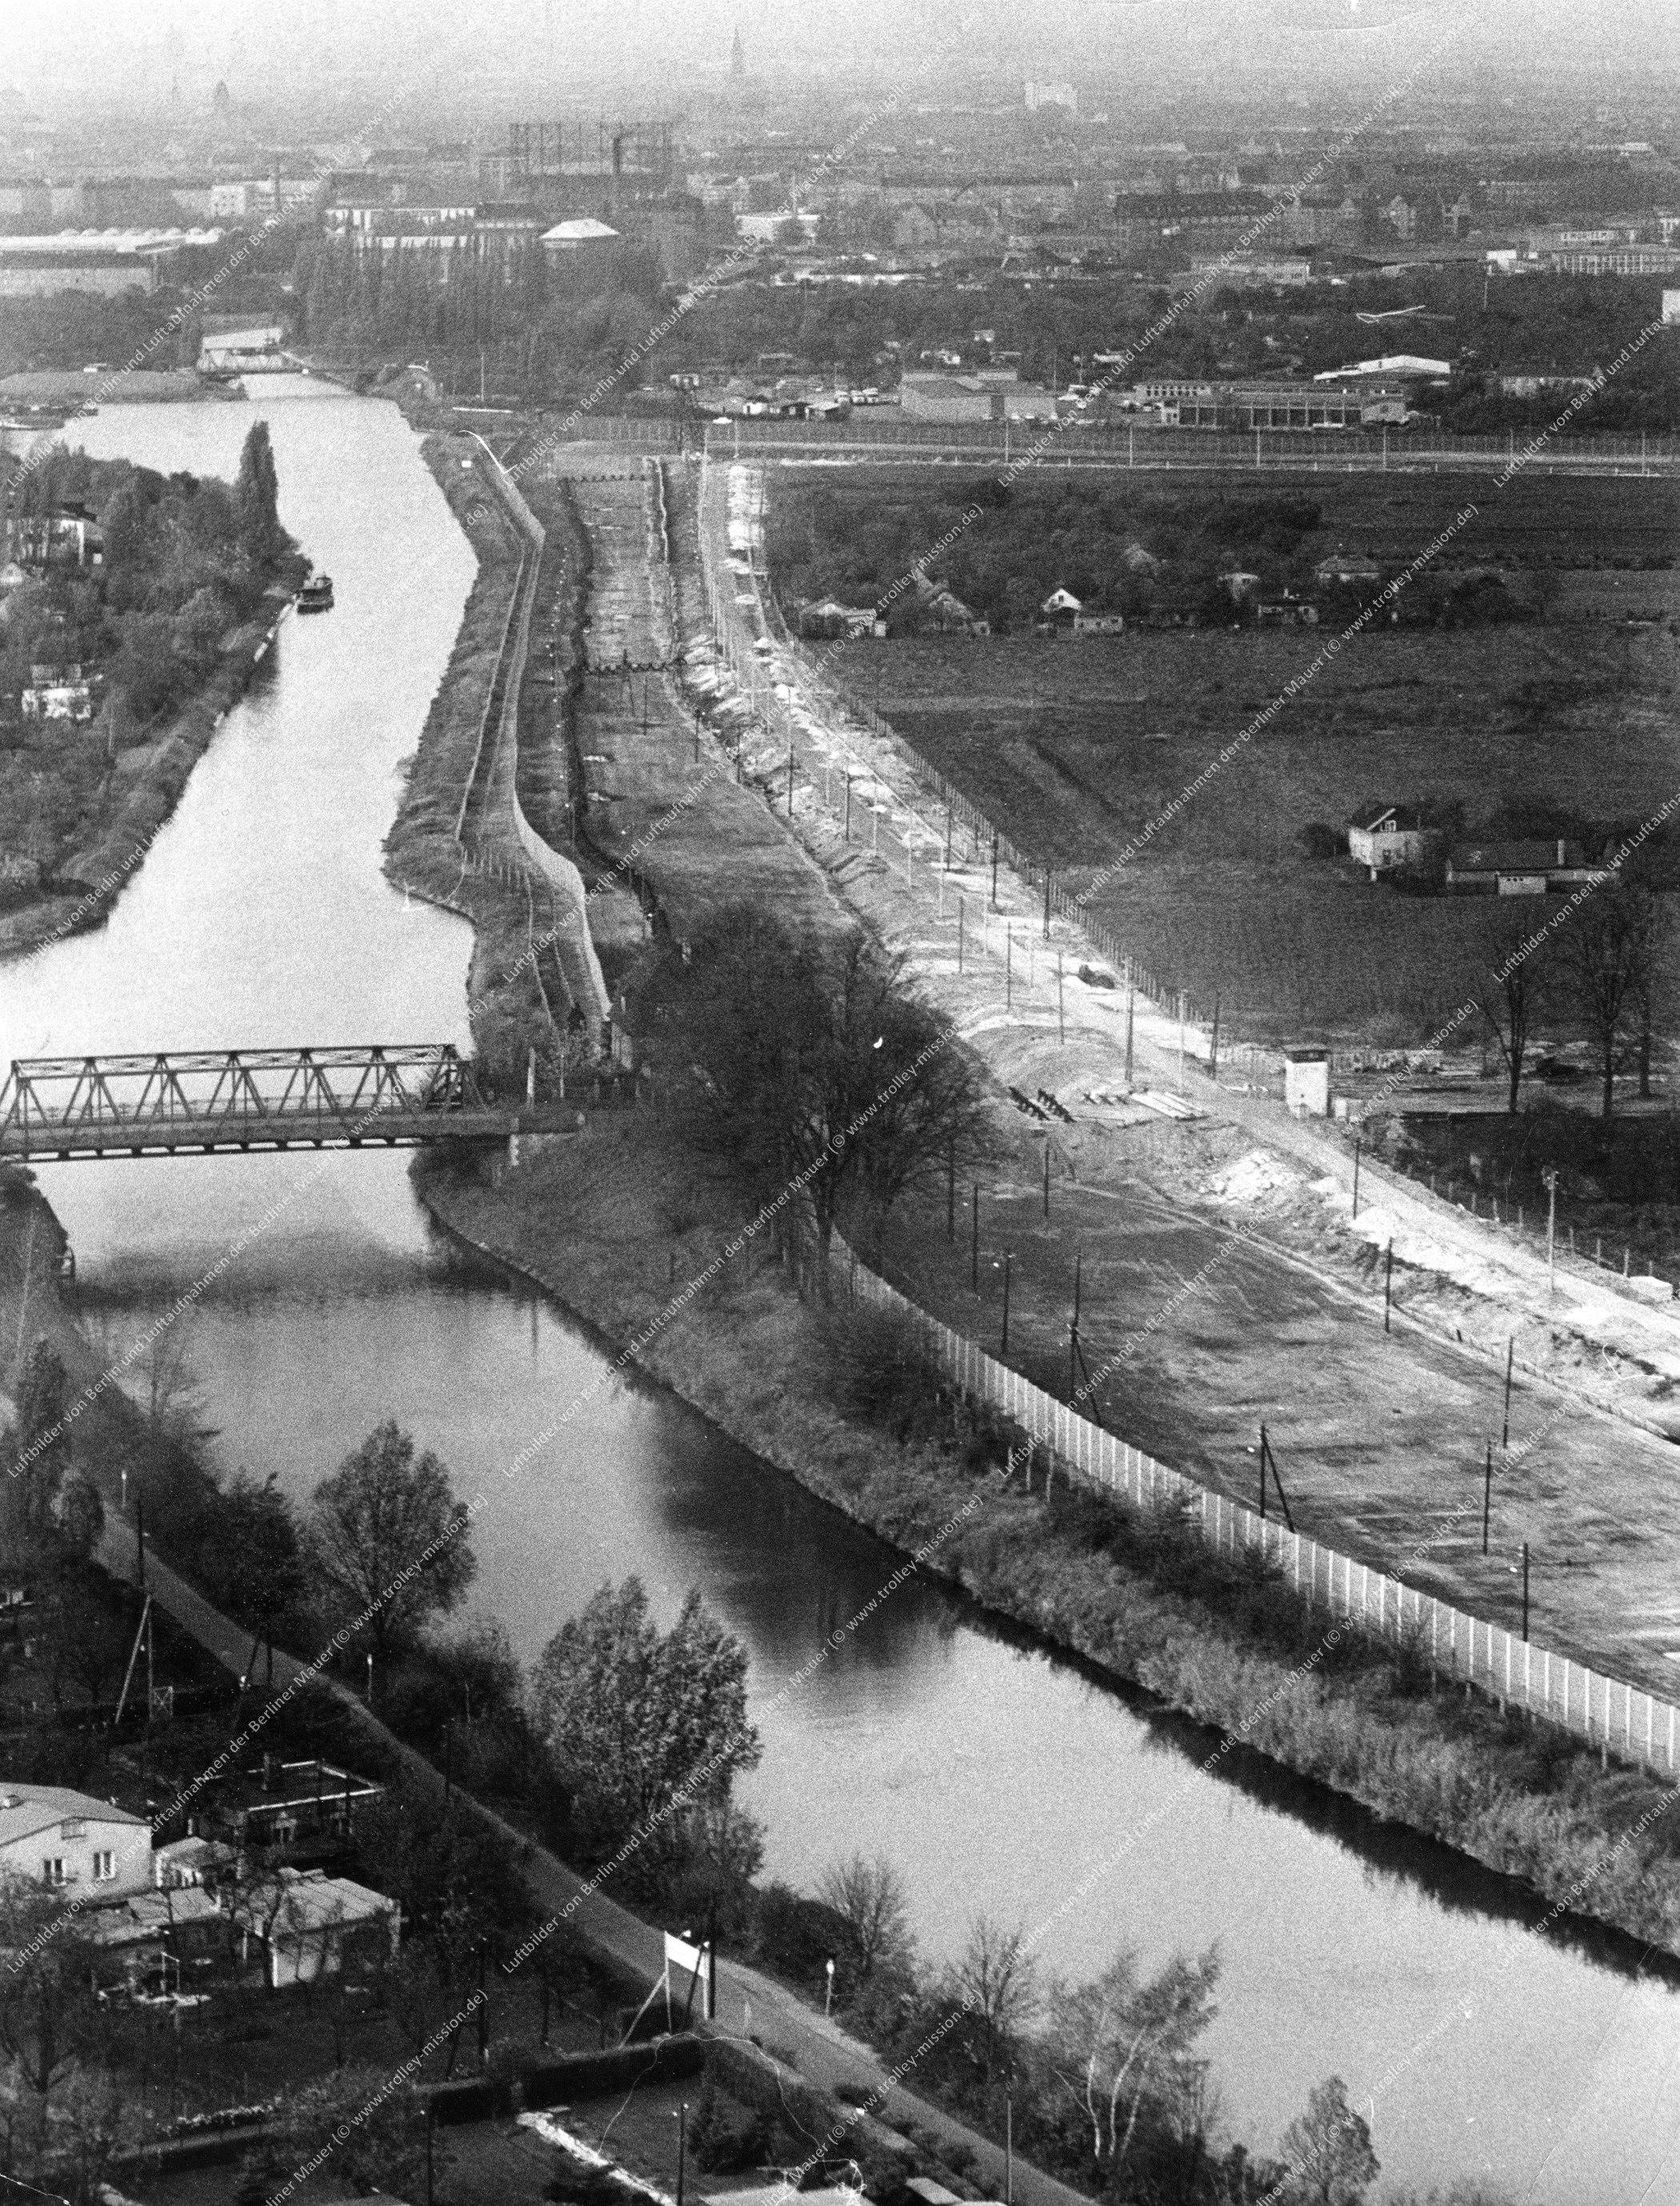 Berlin Luftbild Alte Späthbrücke am Teltow-Kanal vom 6. November 1967 (Bild 044)